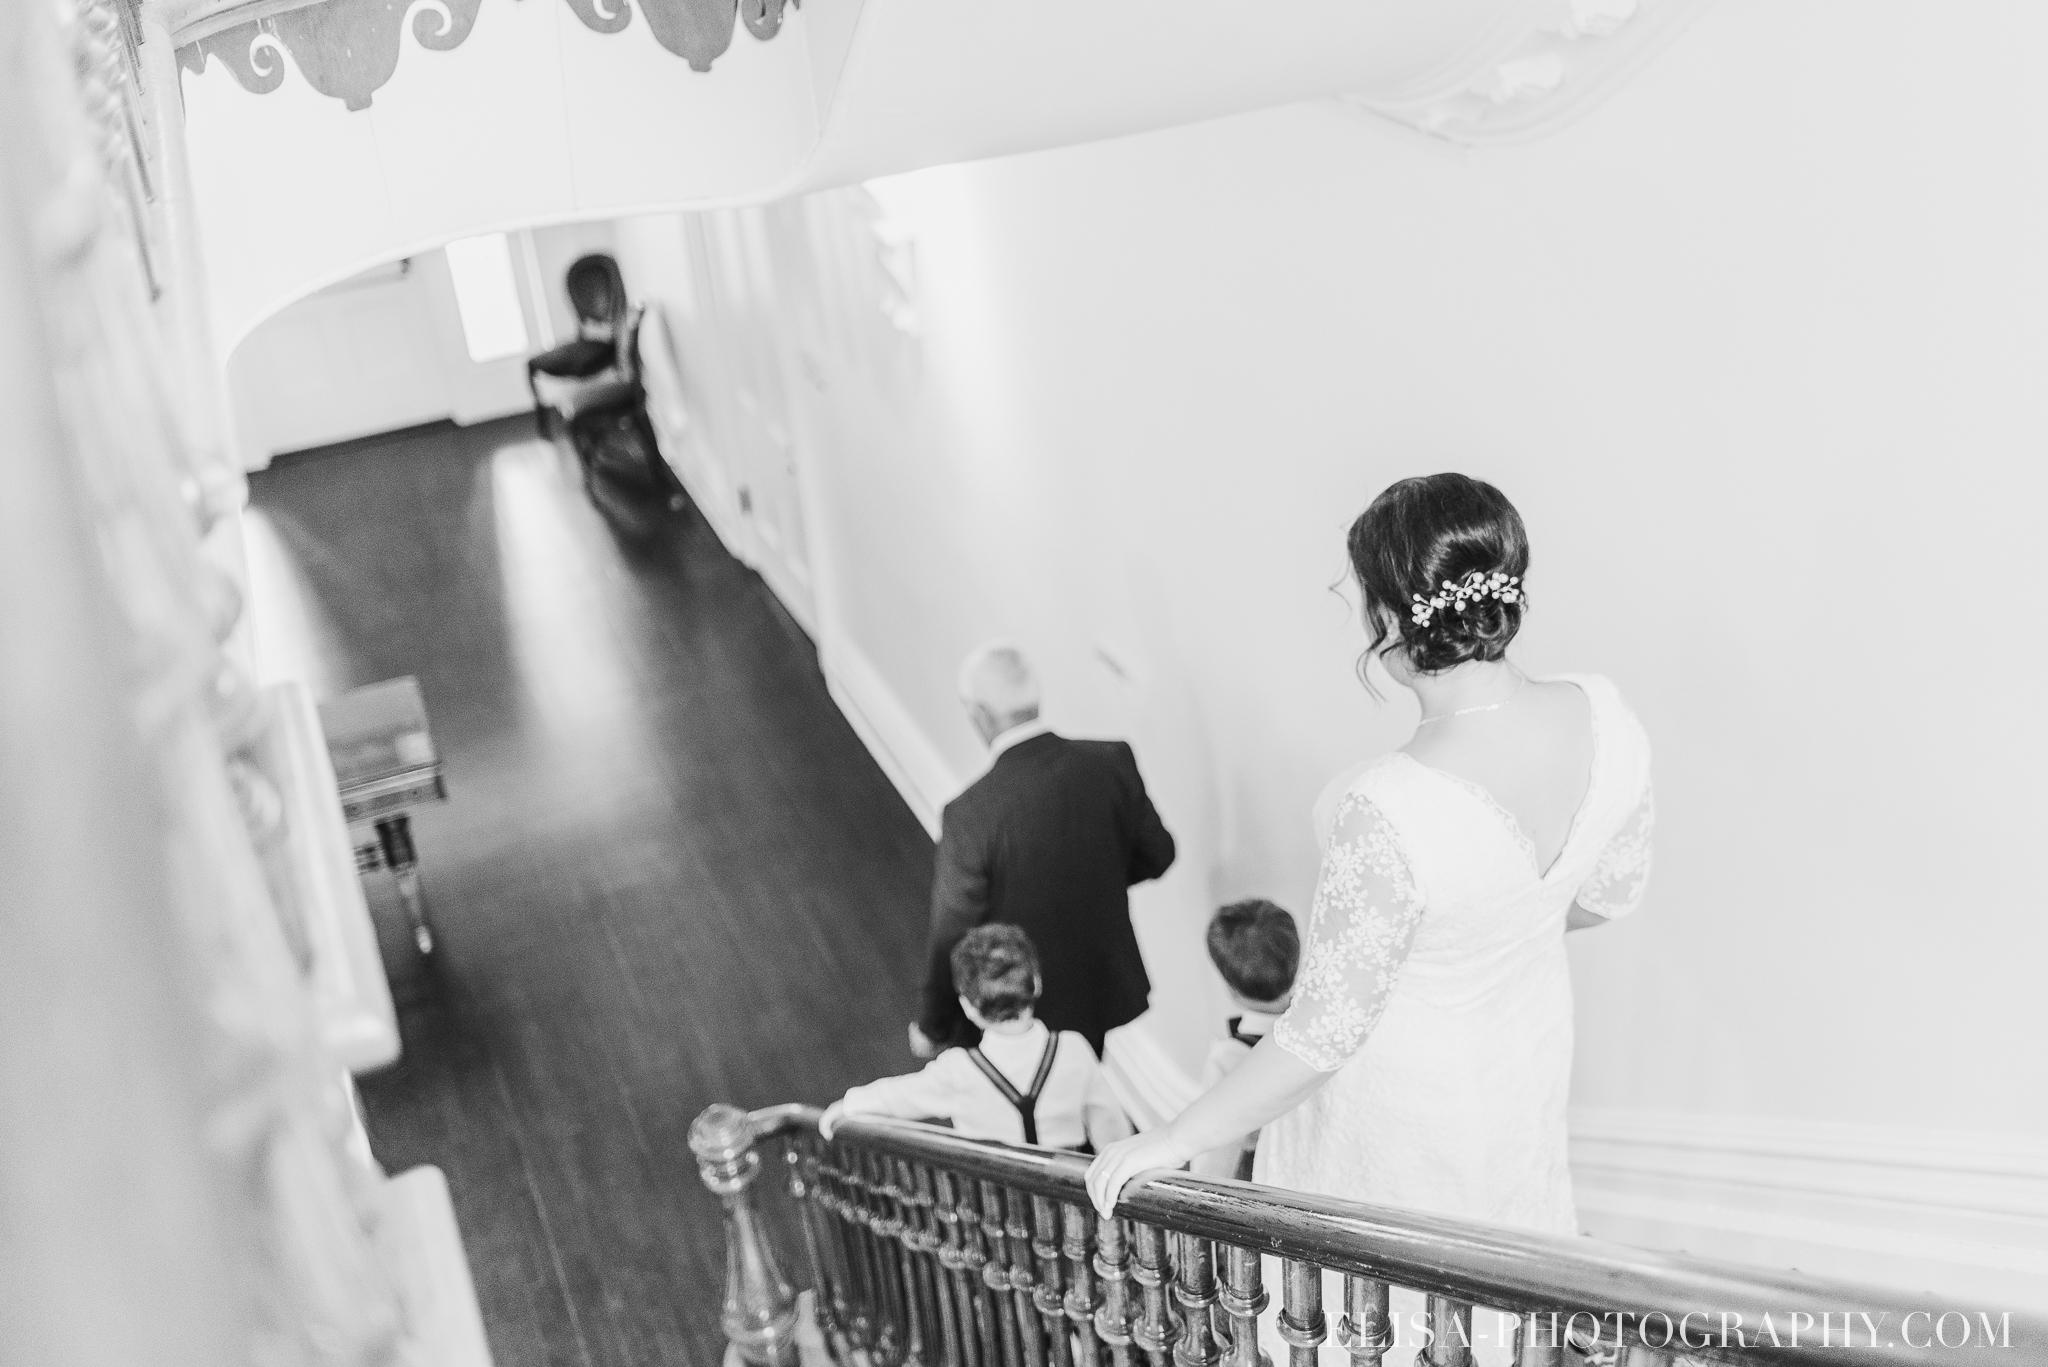 photo mariage domaine cataraqui wedding echange bagues voeux salle ceremonie 2200 - Mariage d'inspiration anglaise au domaine Cataraqui